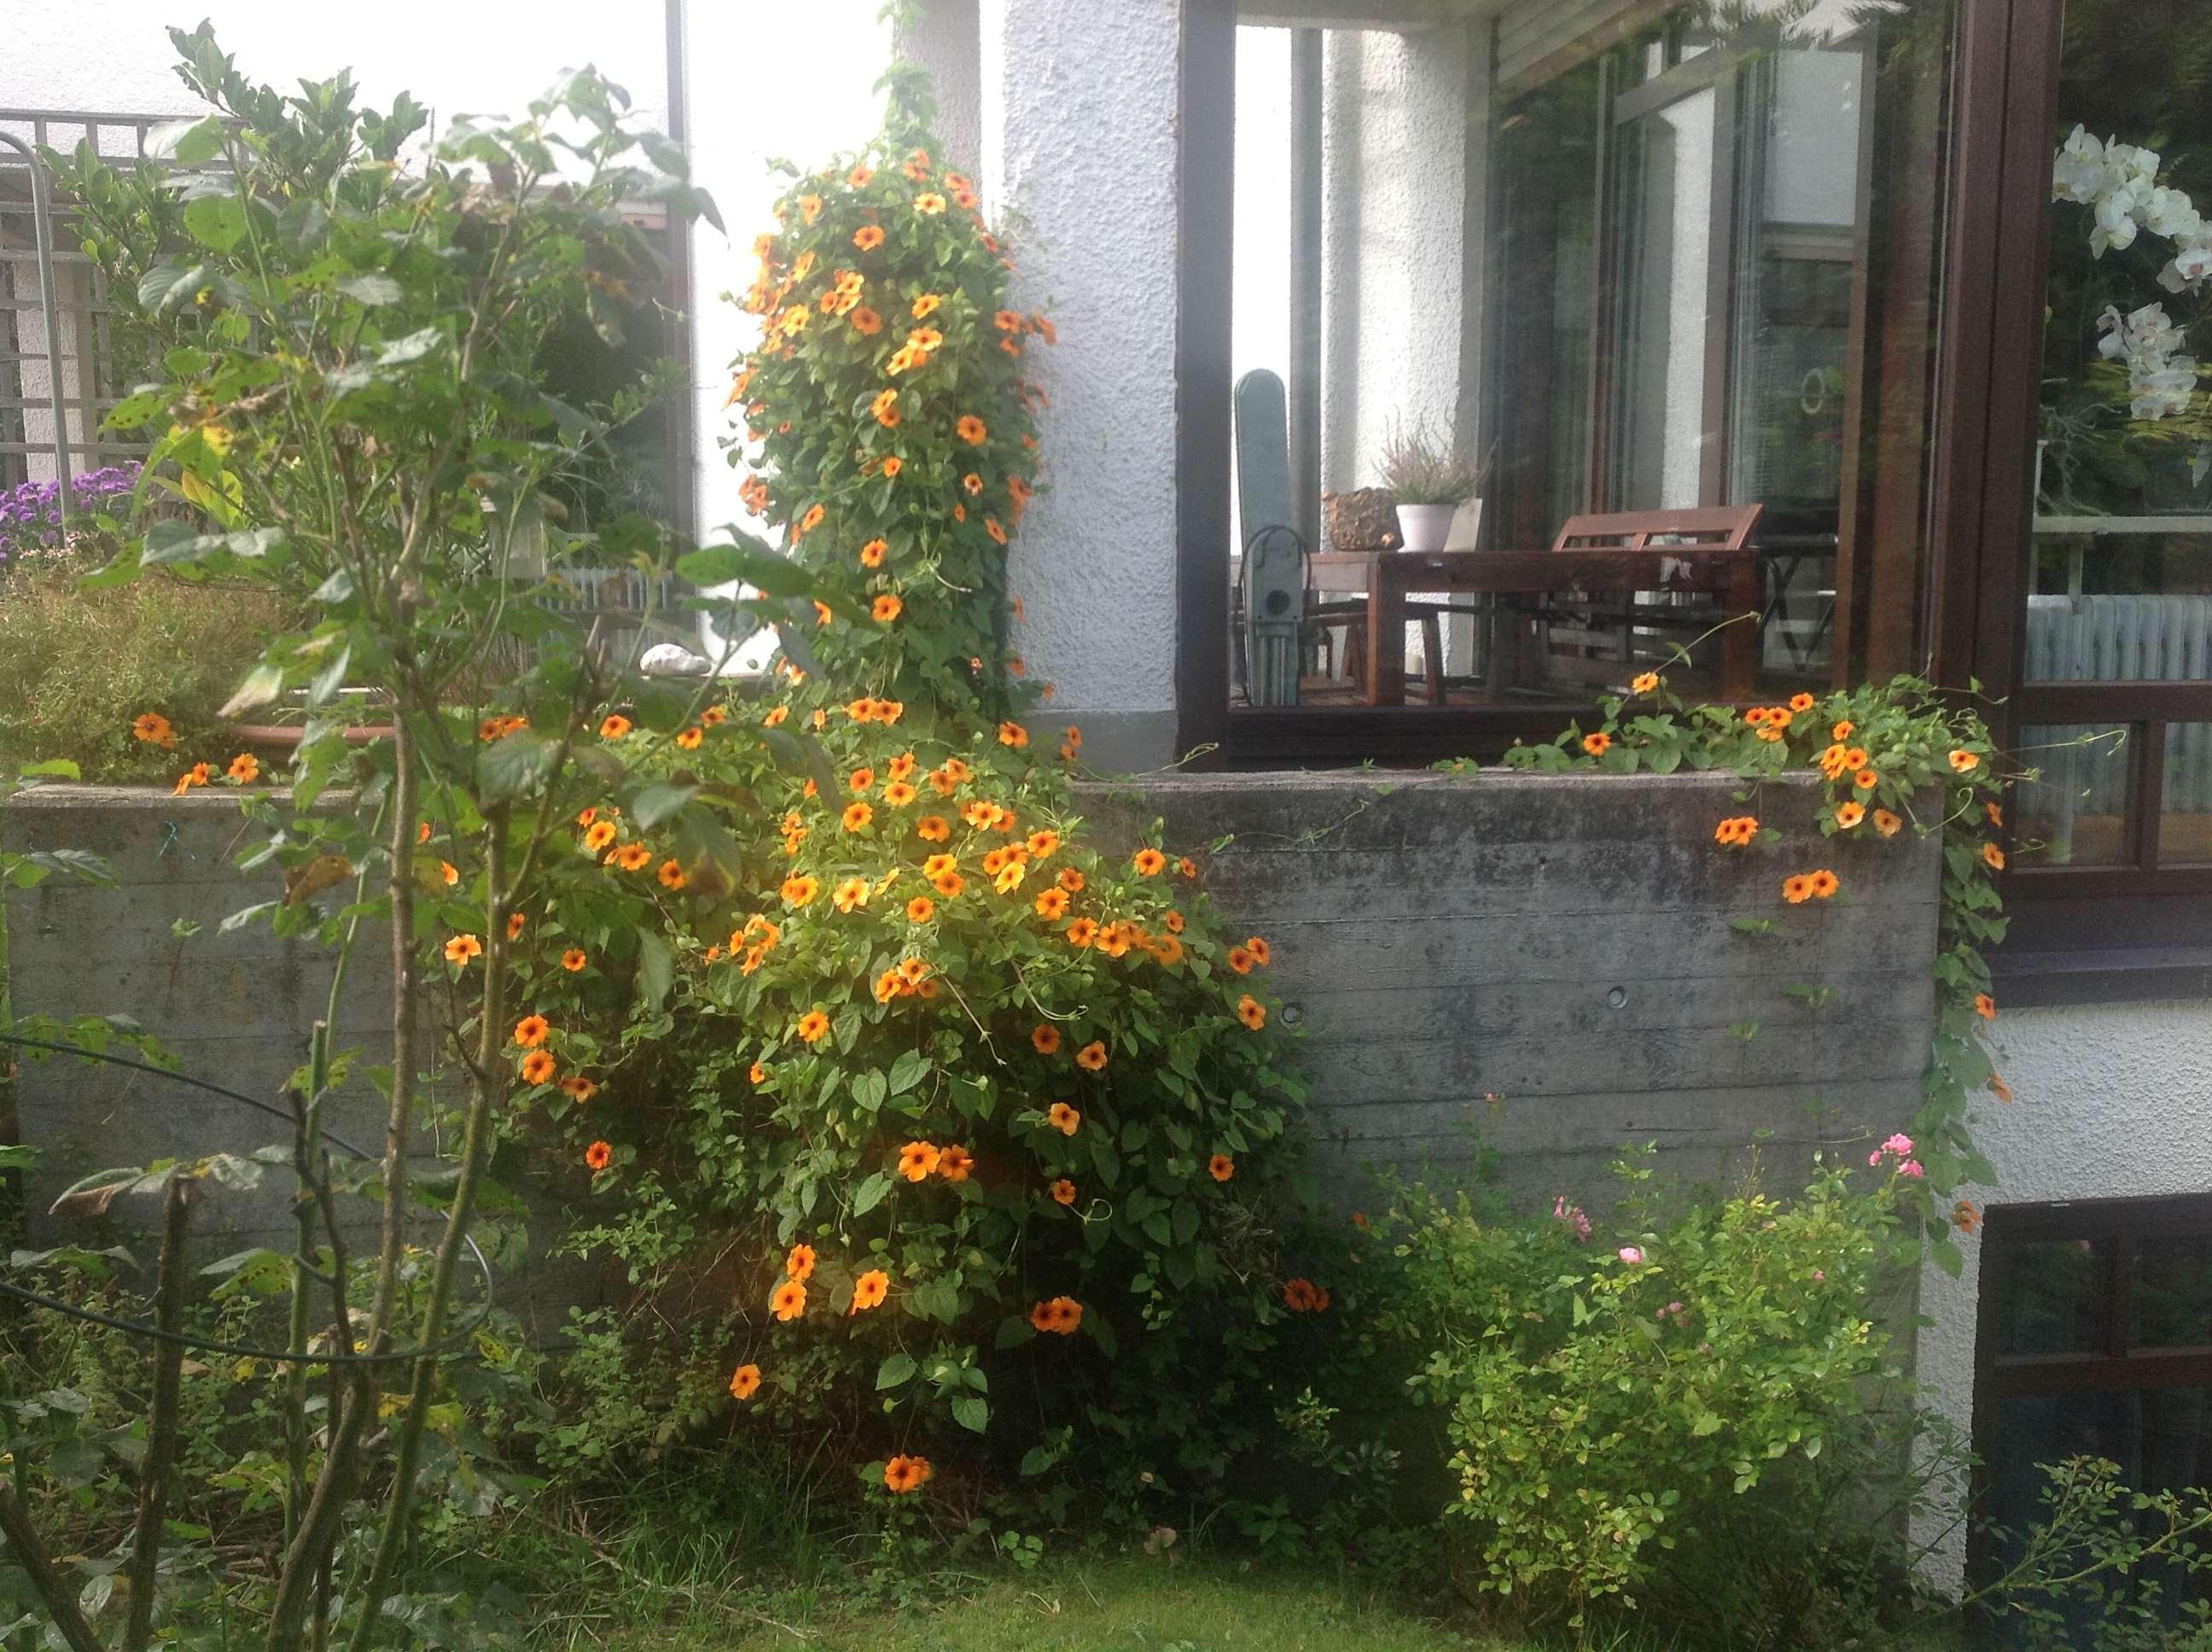 Helle 3 Zimmer Wohnung in Harlaching mit Südwest Terrasse und kleinem Garten in Harlaching (München)